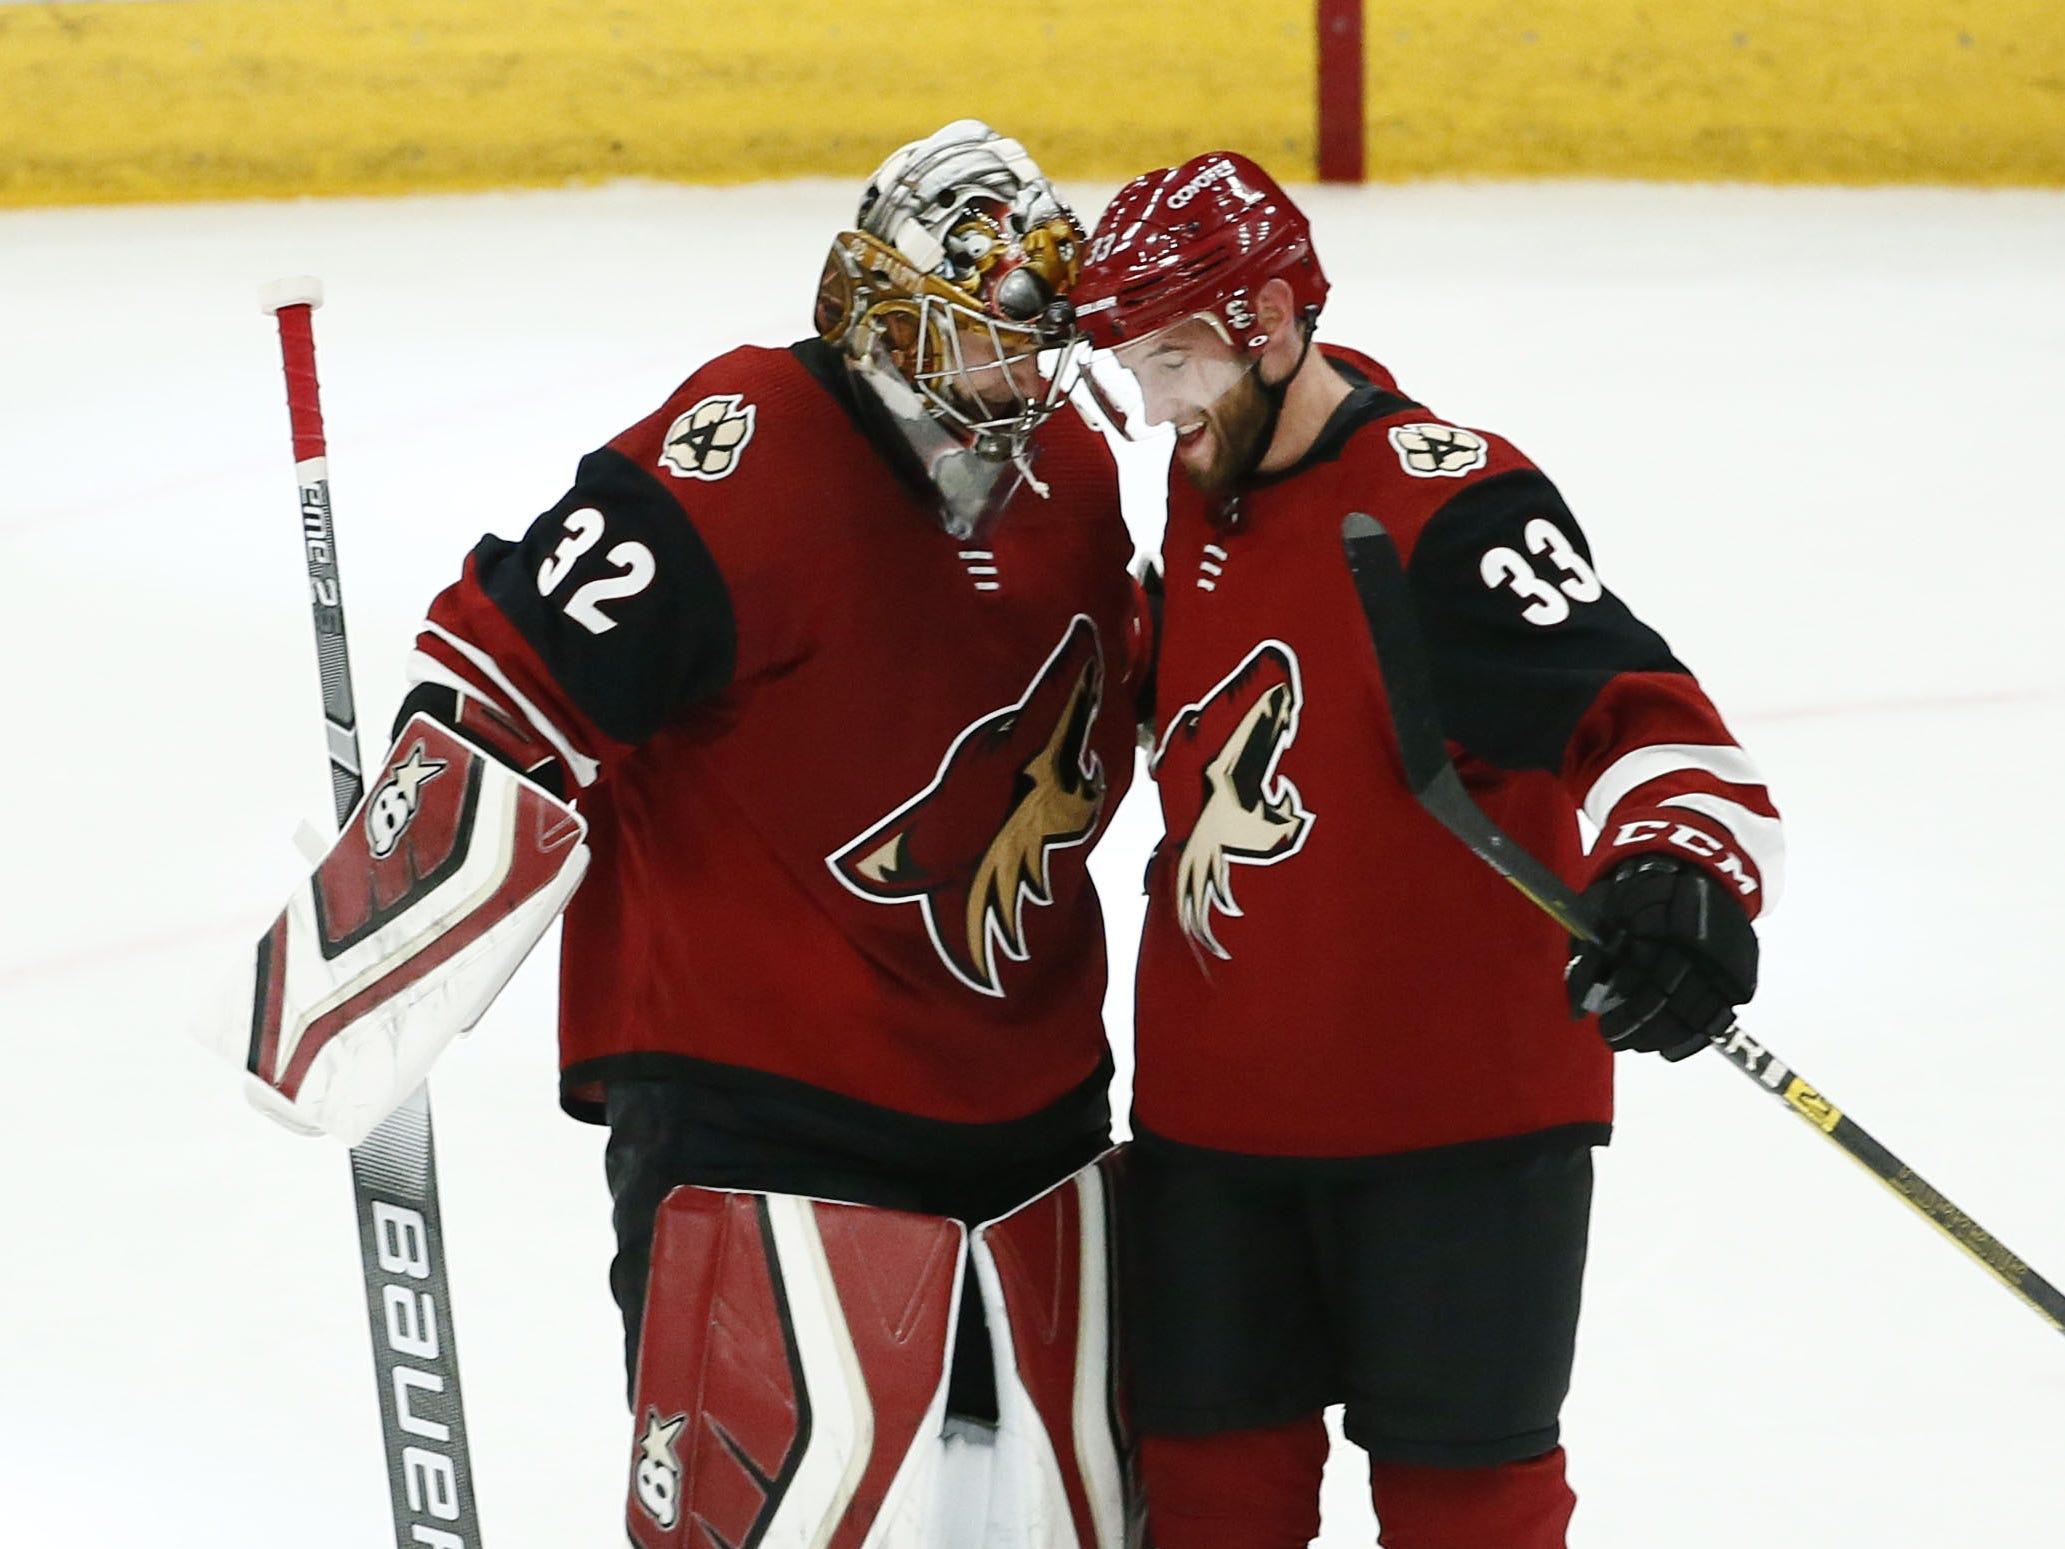 Arizona Coyotes goalie Antti Raanta and Alex Goligoski (33) celebrate their 5-1 win over the Ottawa Senators on Oct. 30, 2018 at Gila River Arena.